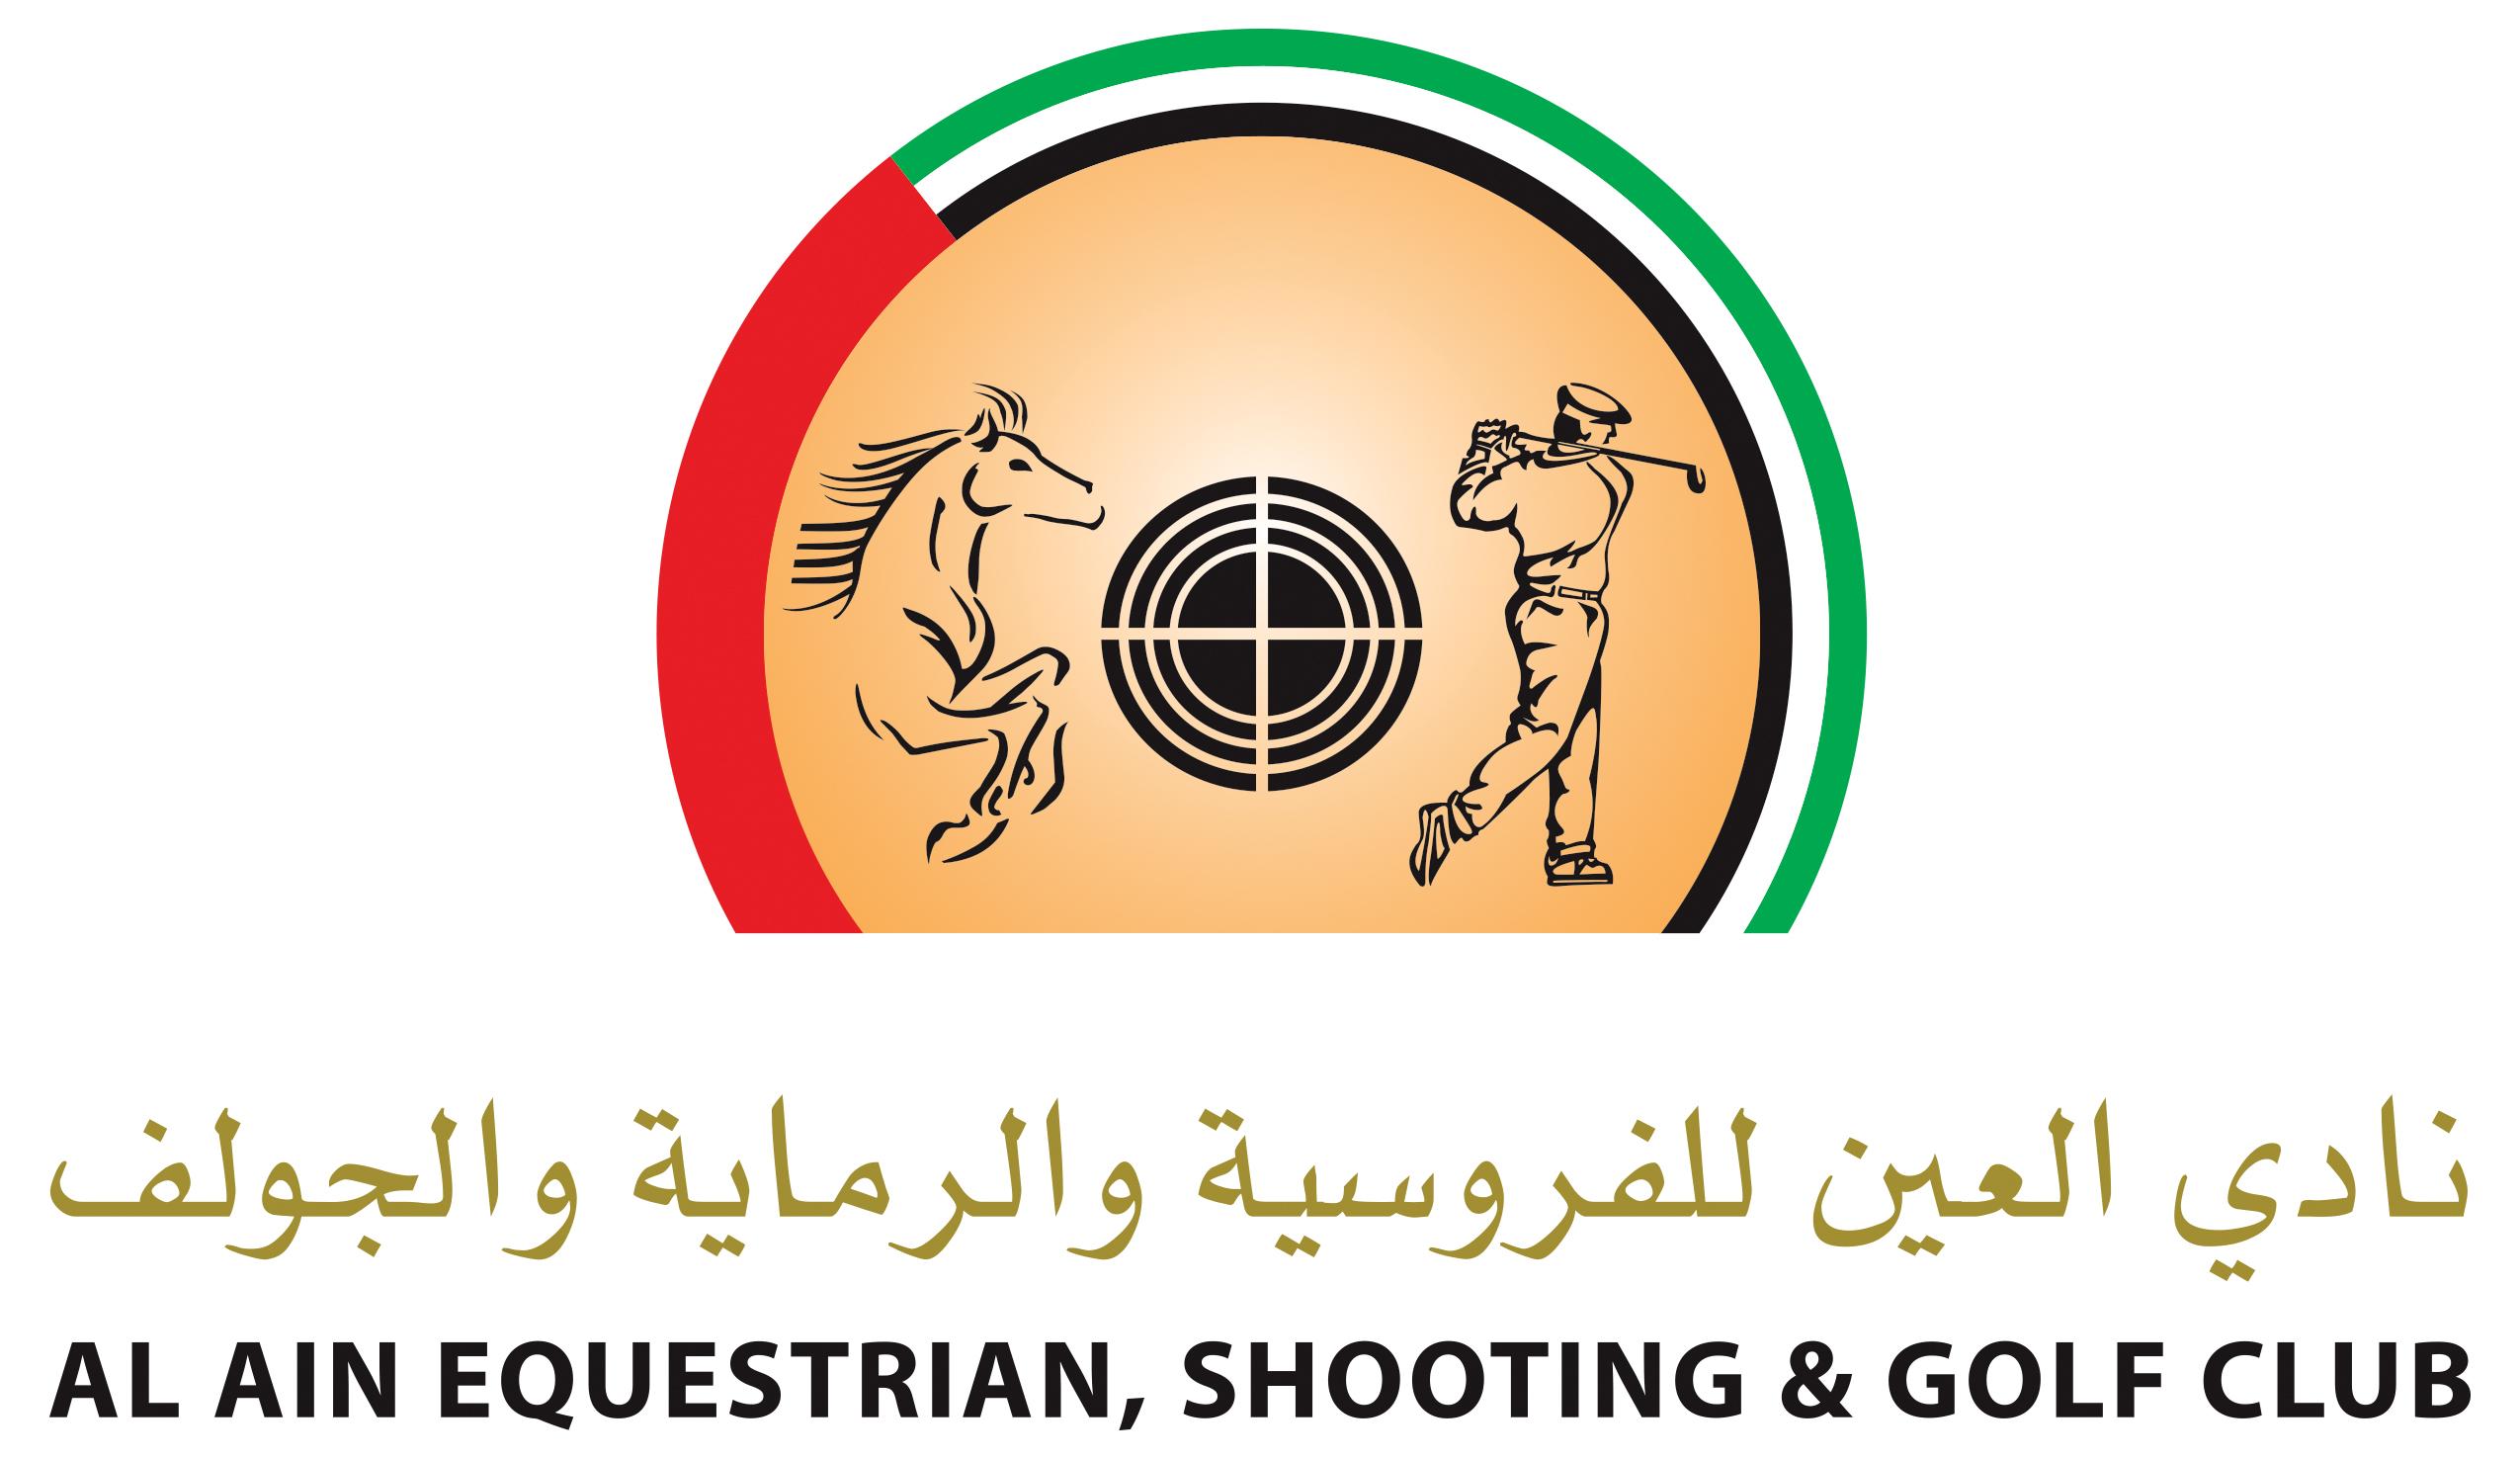 Al Ain Equestrian, Shooting & Golf Club